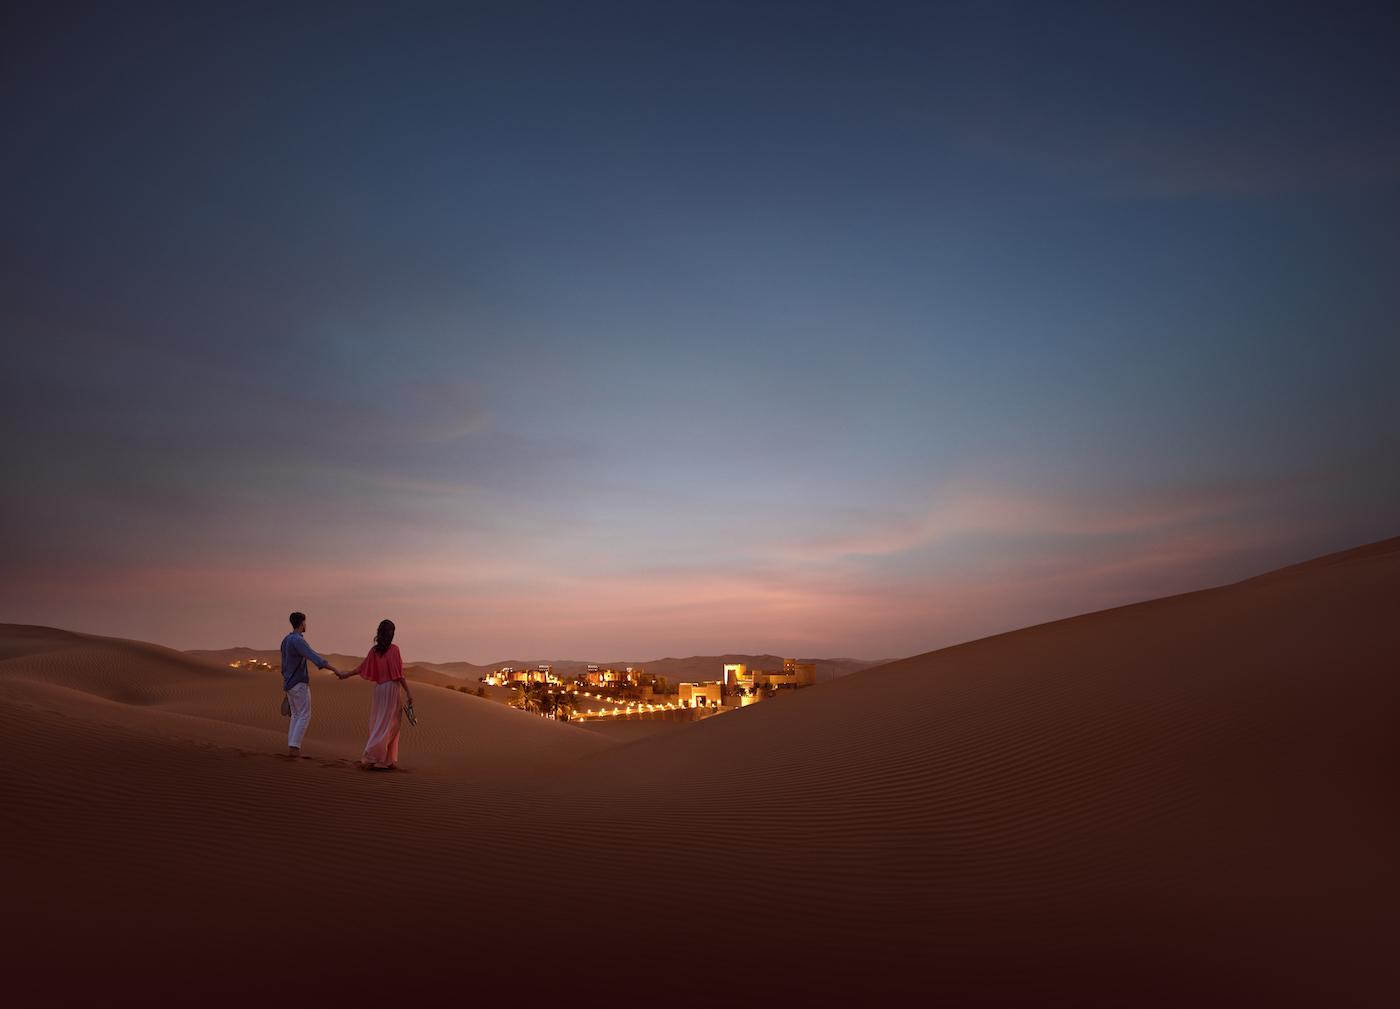 Der FalconLens Award in Abu Dhabi: Aufregender kann die Adventszeit nicht sein 7